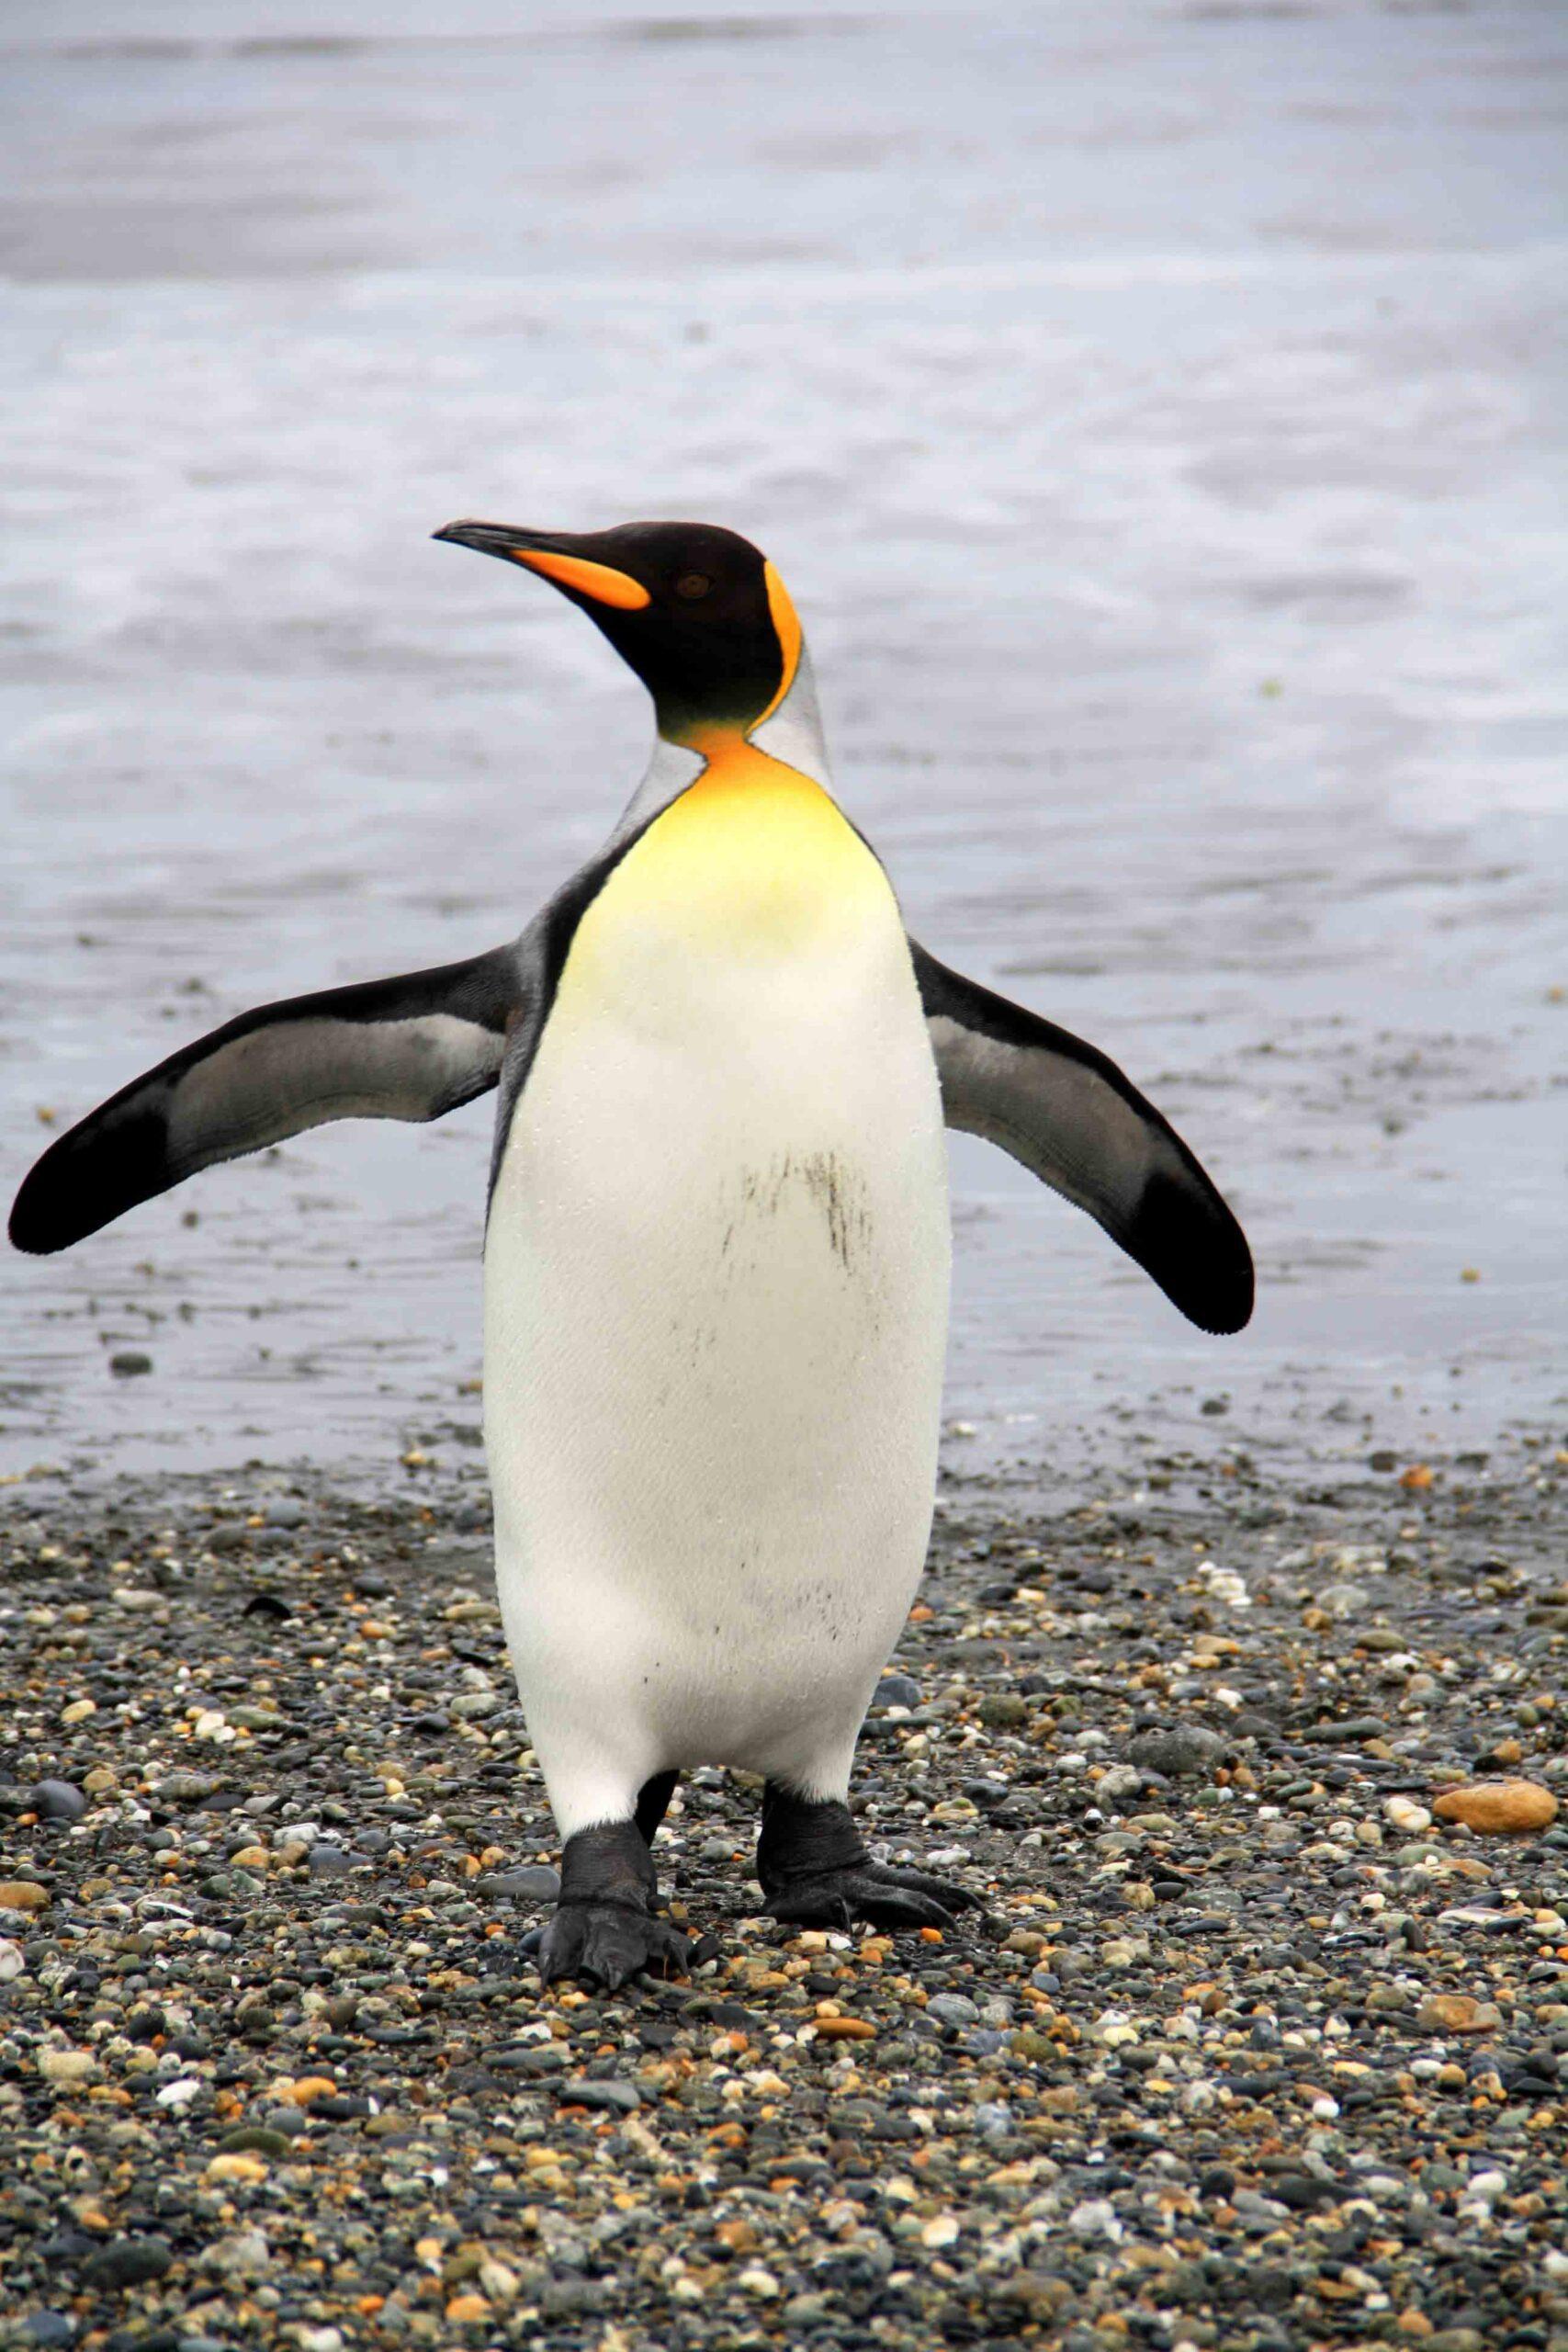 pinguin tierra del fuego national park